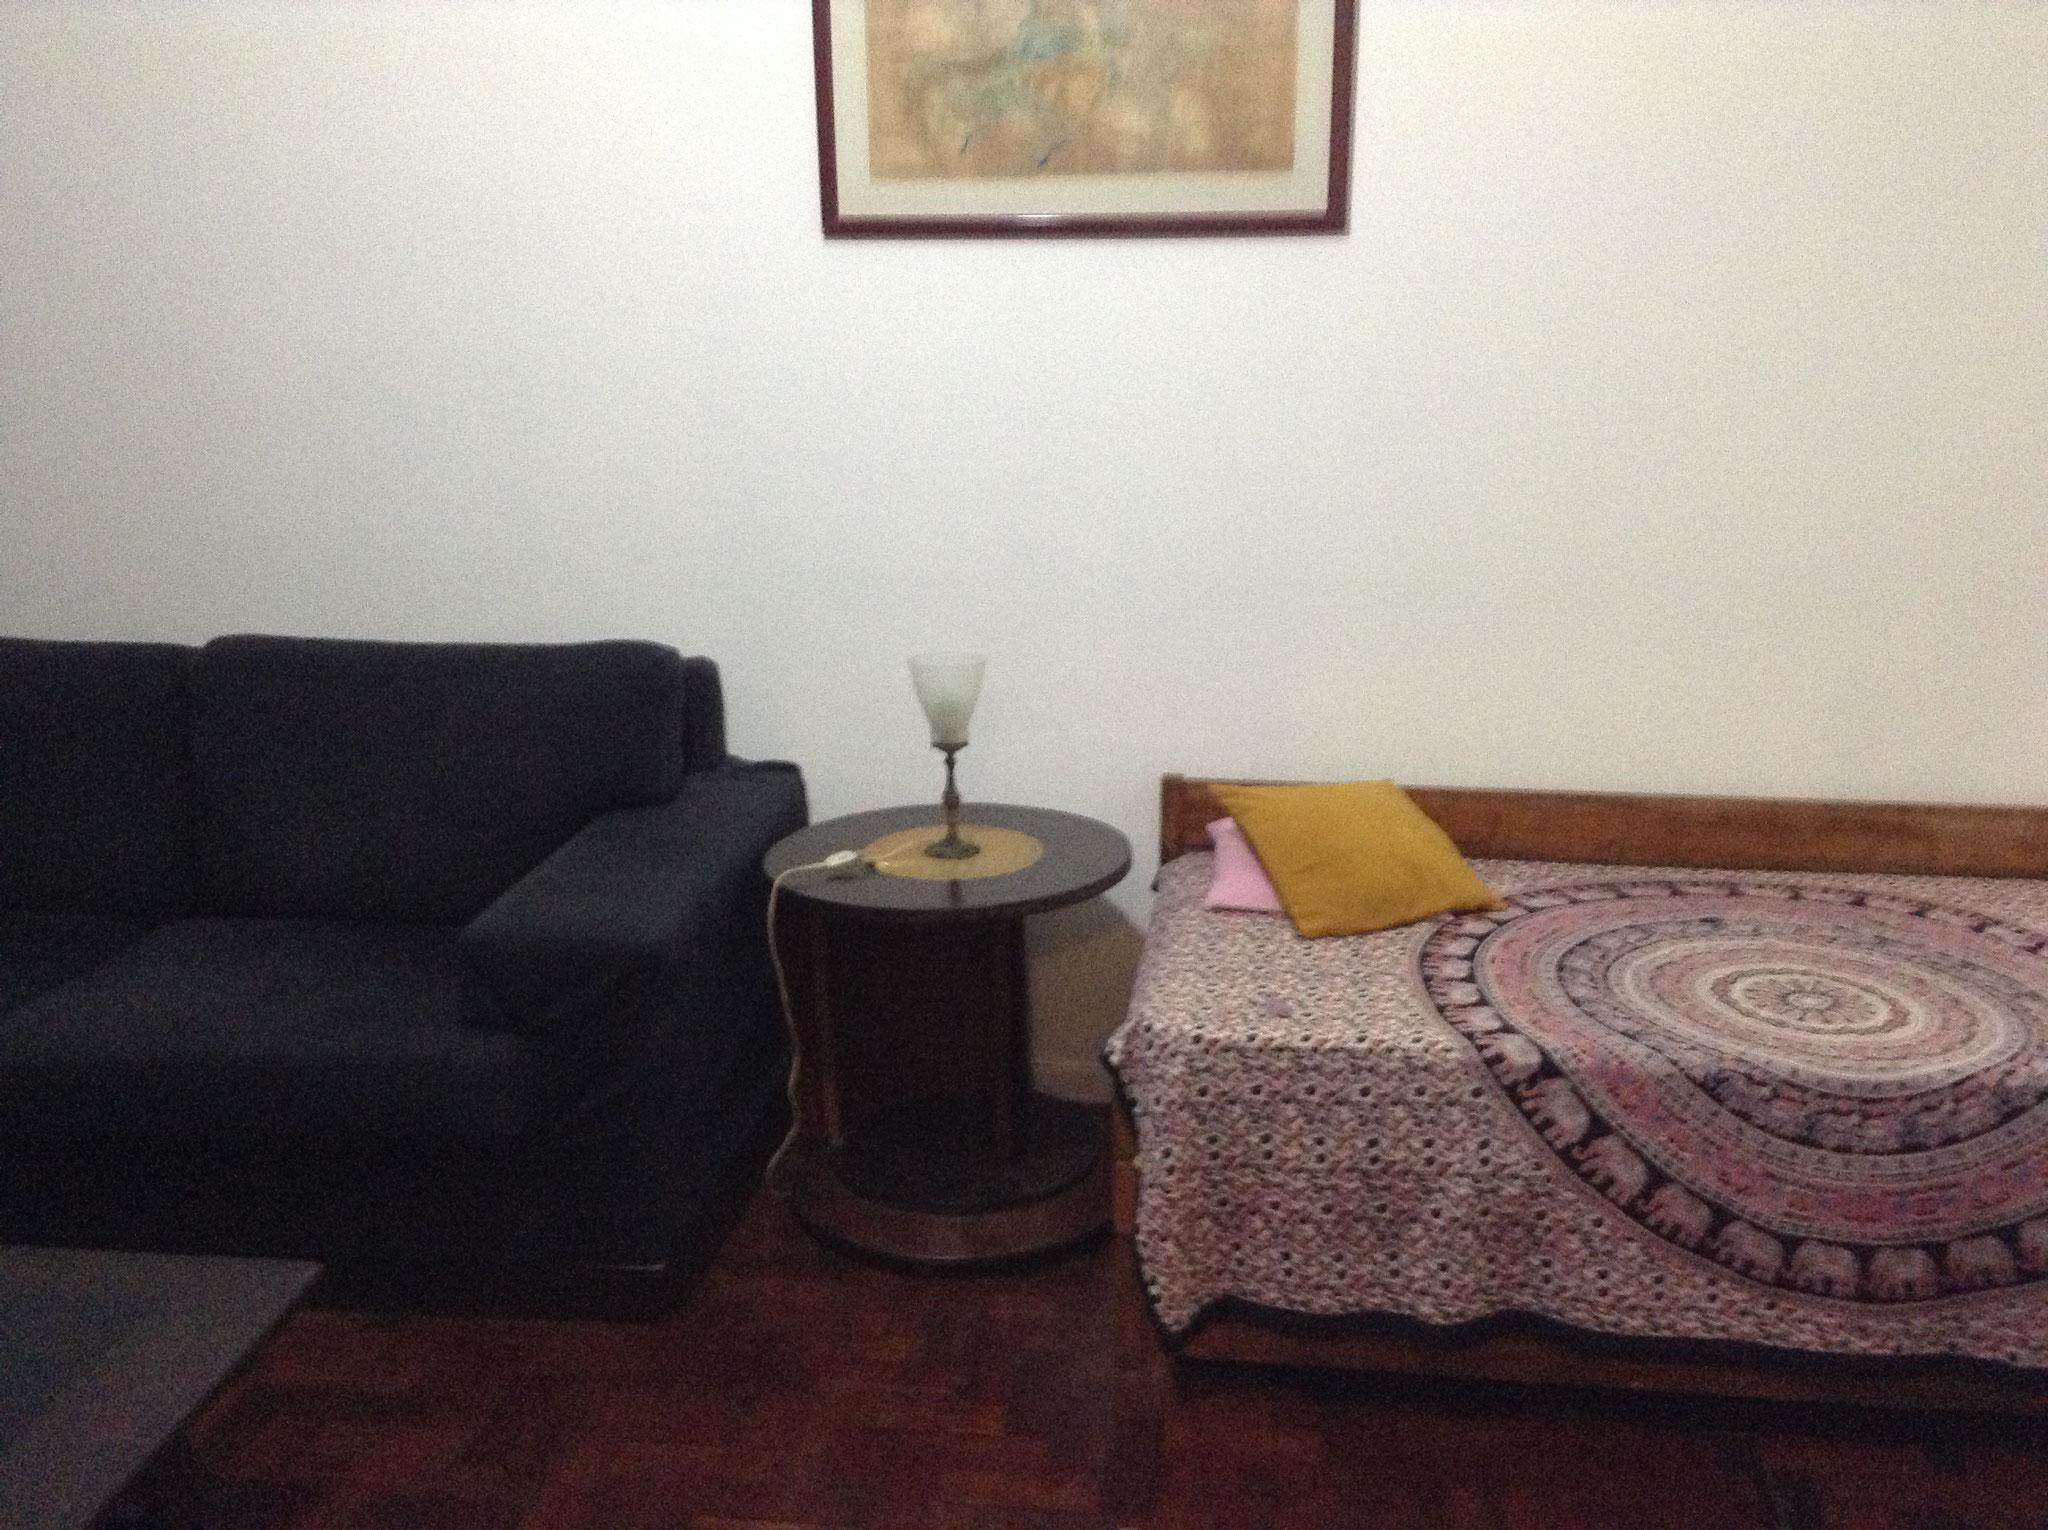 """Sofa und """"Bicama"""" (Ausziehbett) im Wohnzimmer"""